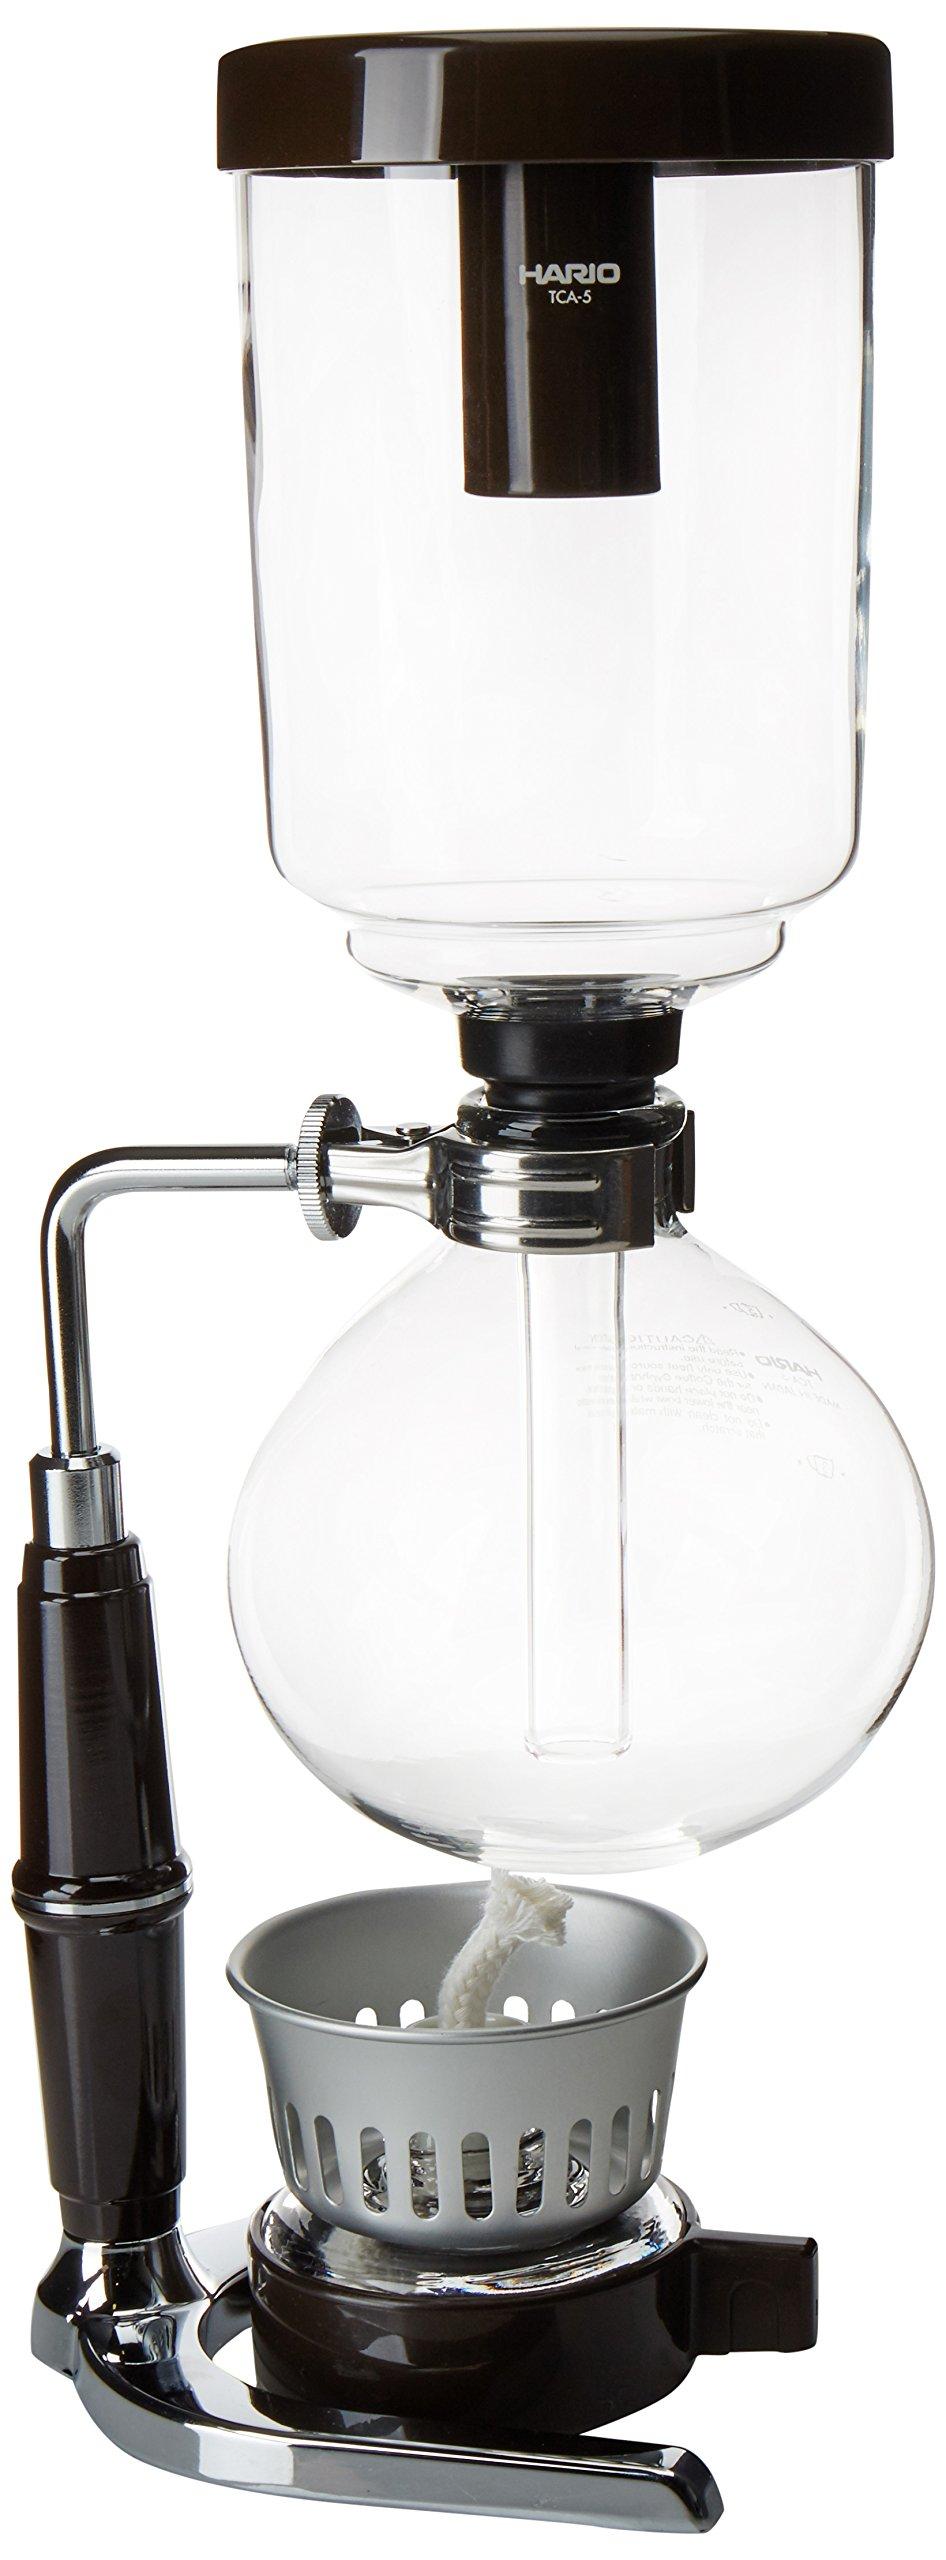 Hario Technica 5-Cup Coffee Syphon by Hario